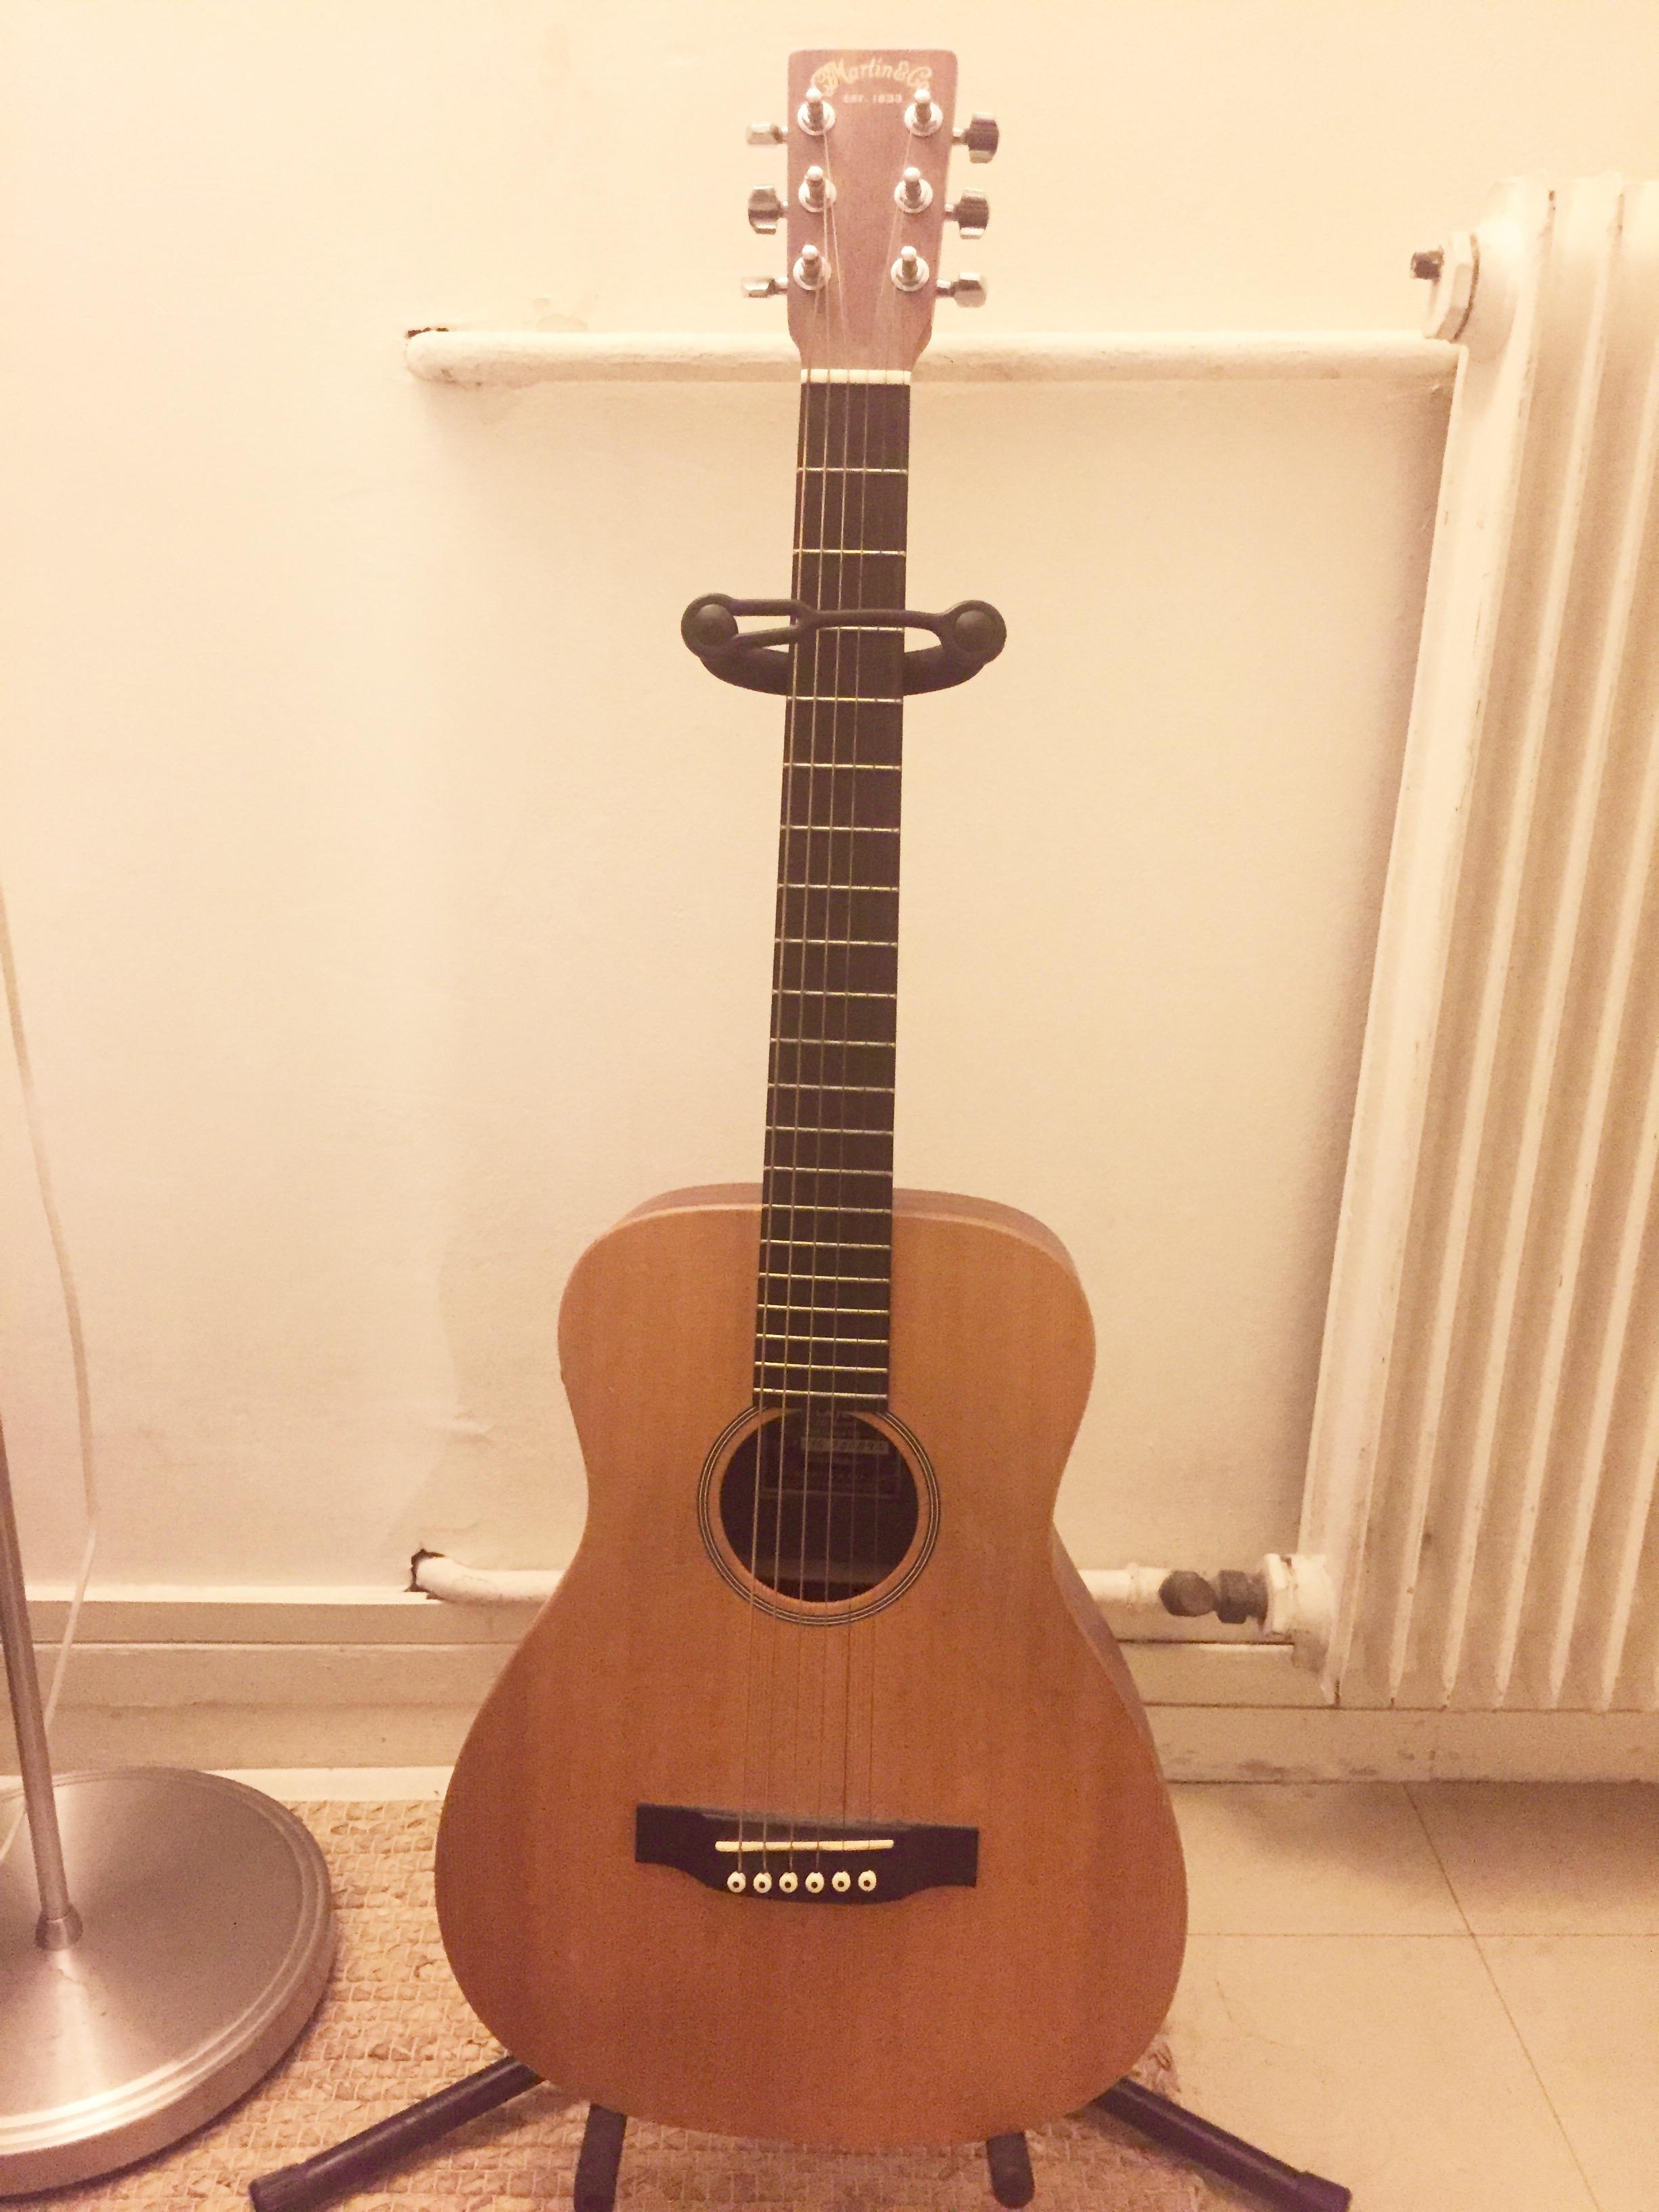 guitare little martin lx1e ile de france audiofanzine. Black Bedroom Furniture Sets. Home Design Ideas